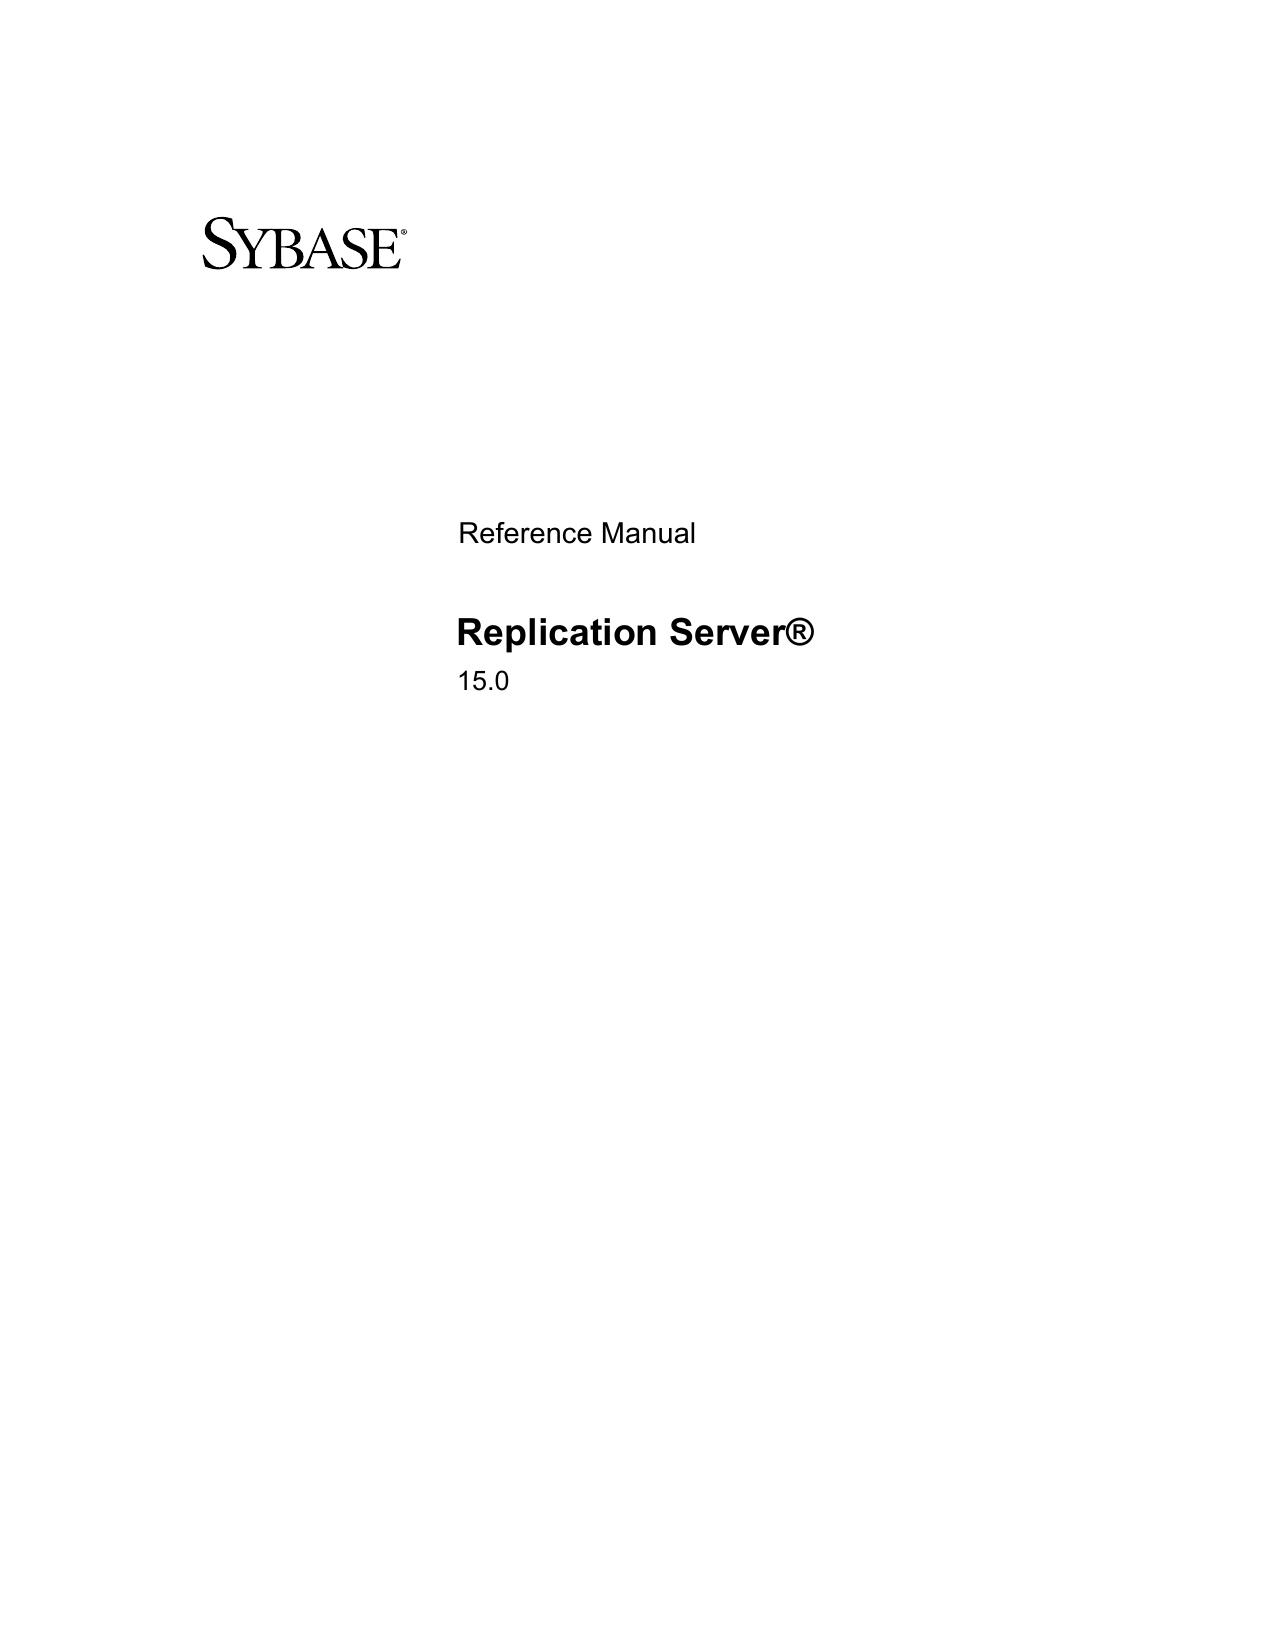 Replication Server - Sybase Infocenter | manualzz com